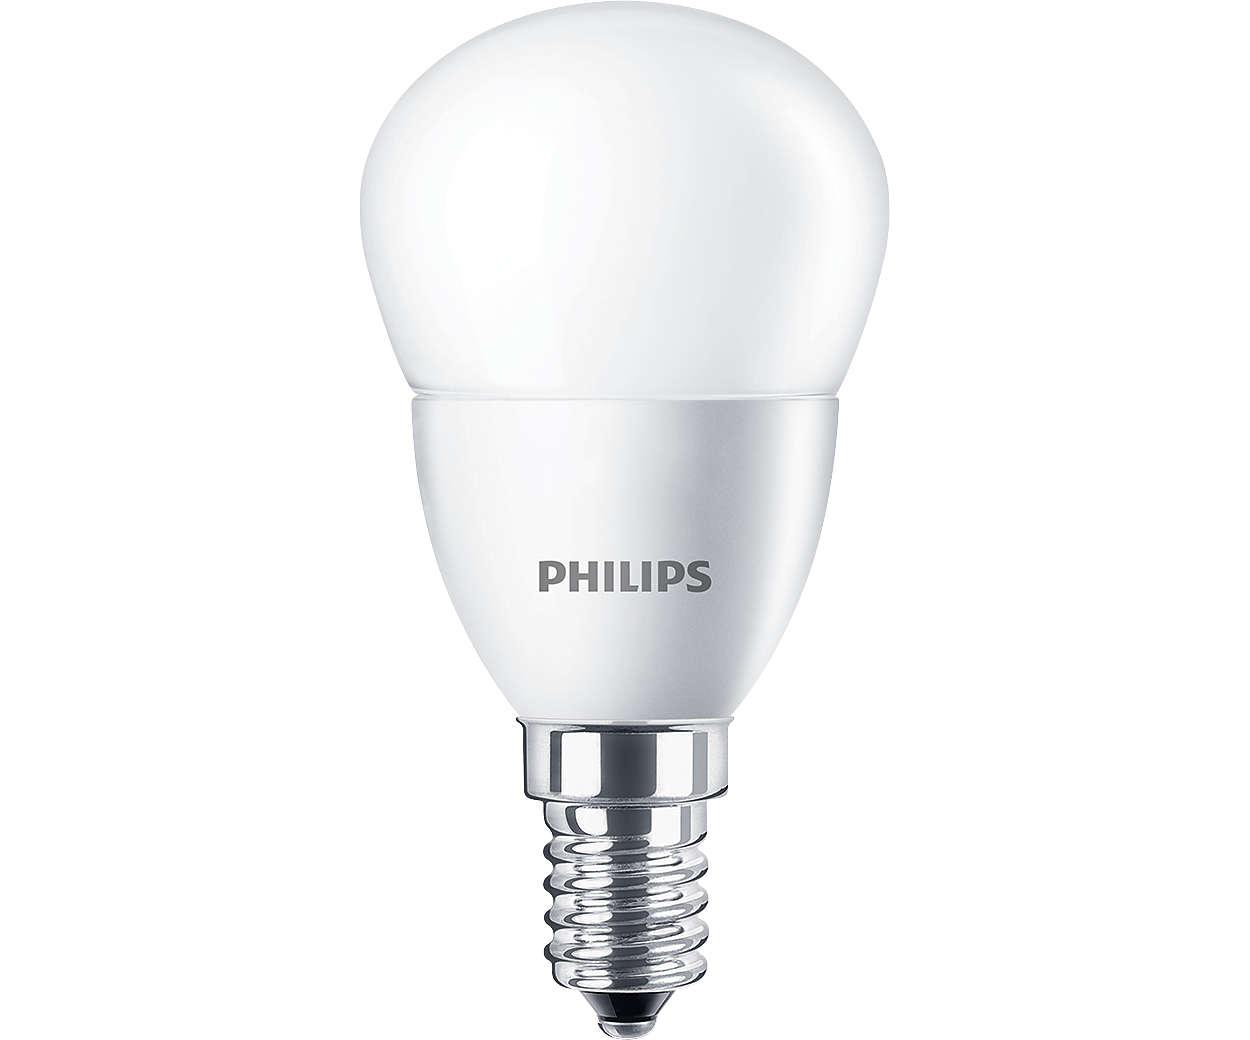 La soluzione LEDluster conveniente